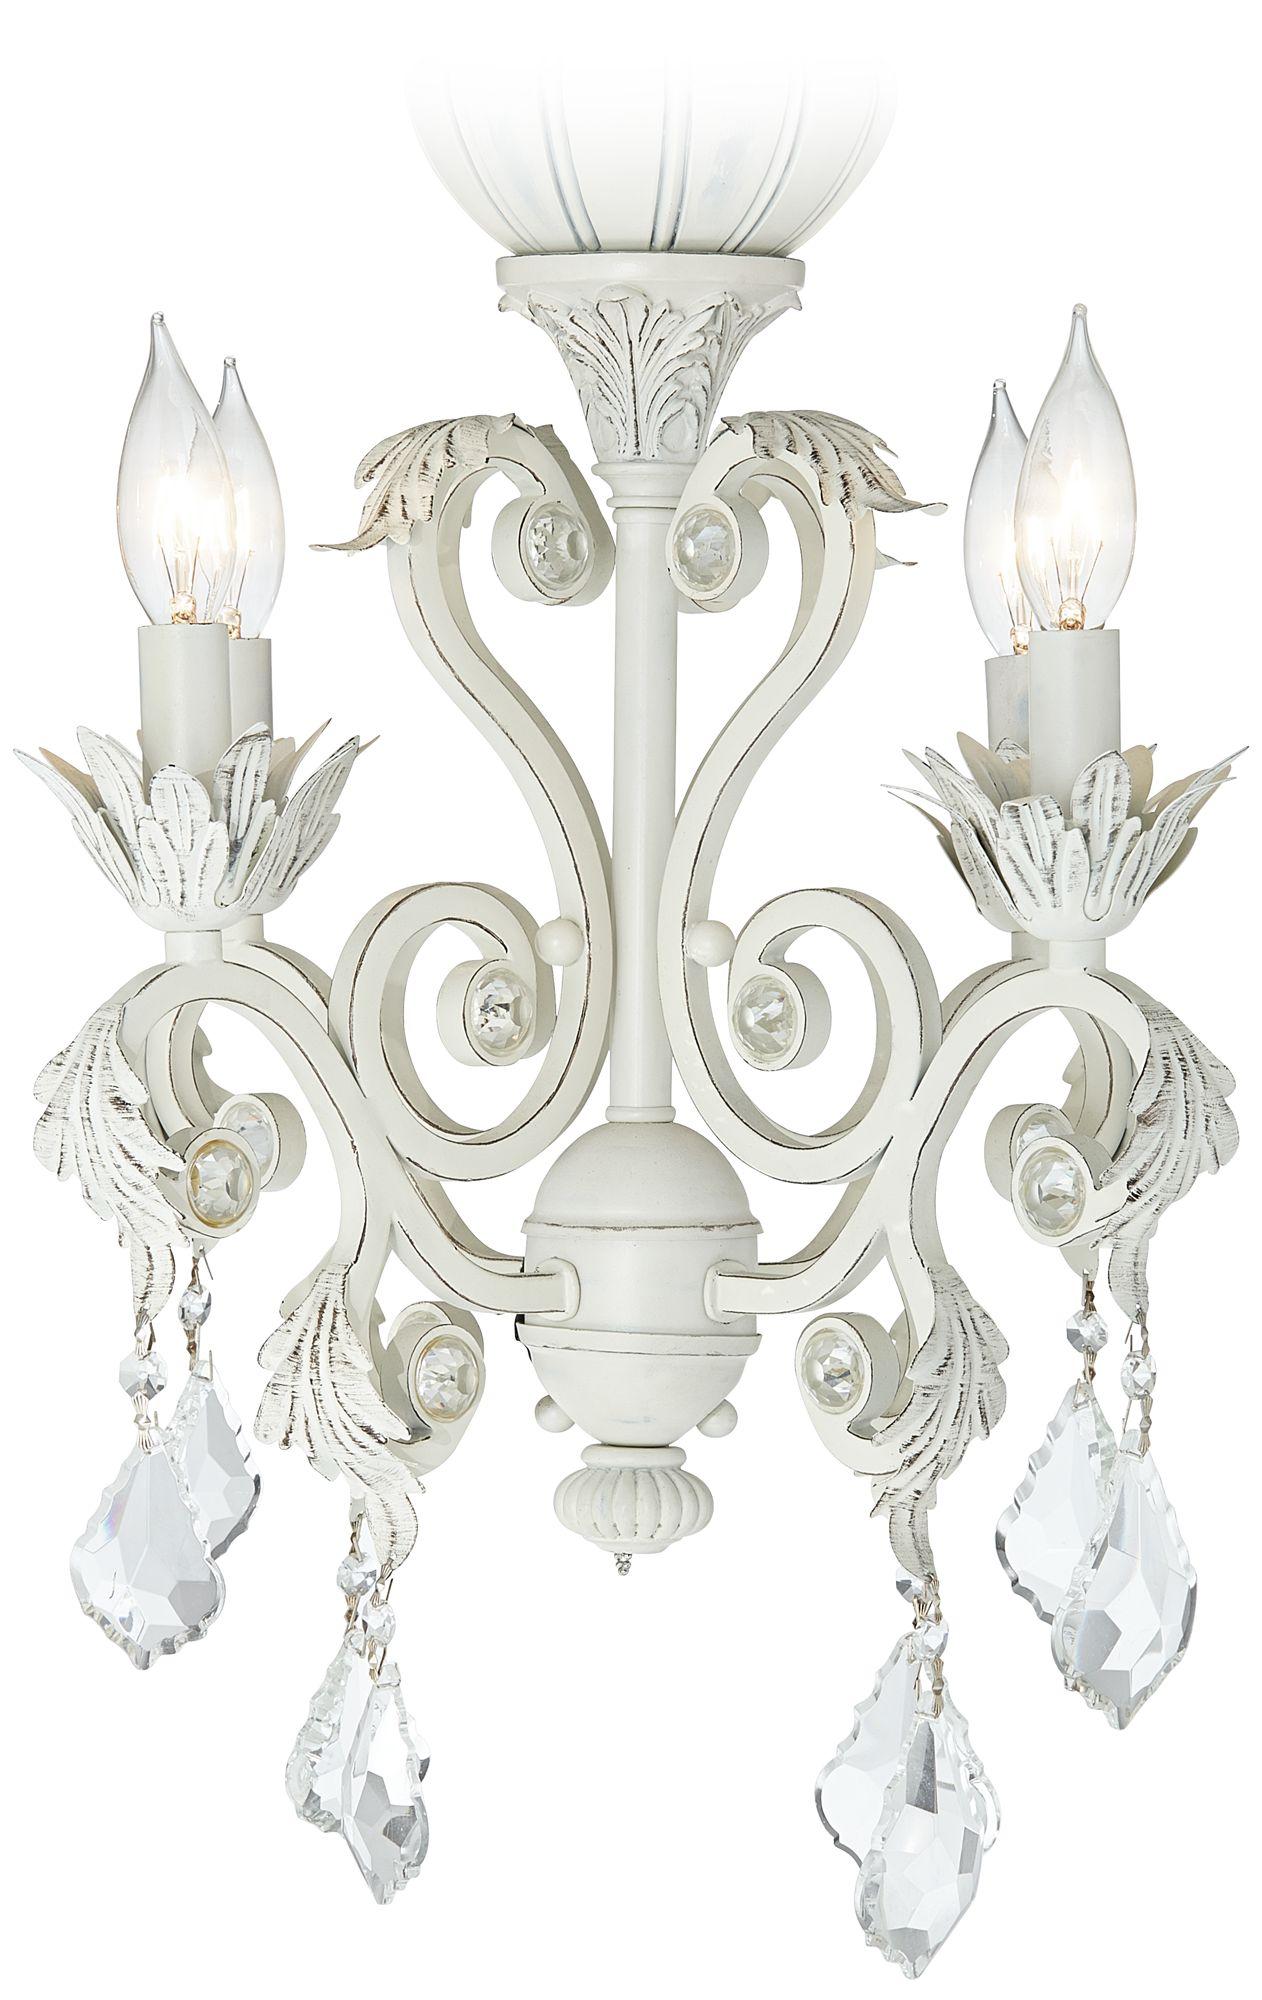 Superb 4 Light Rubbed White Chandelier Ceiling Fan Light Kit